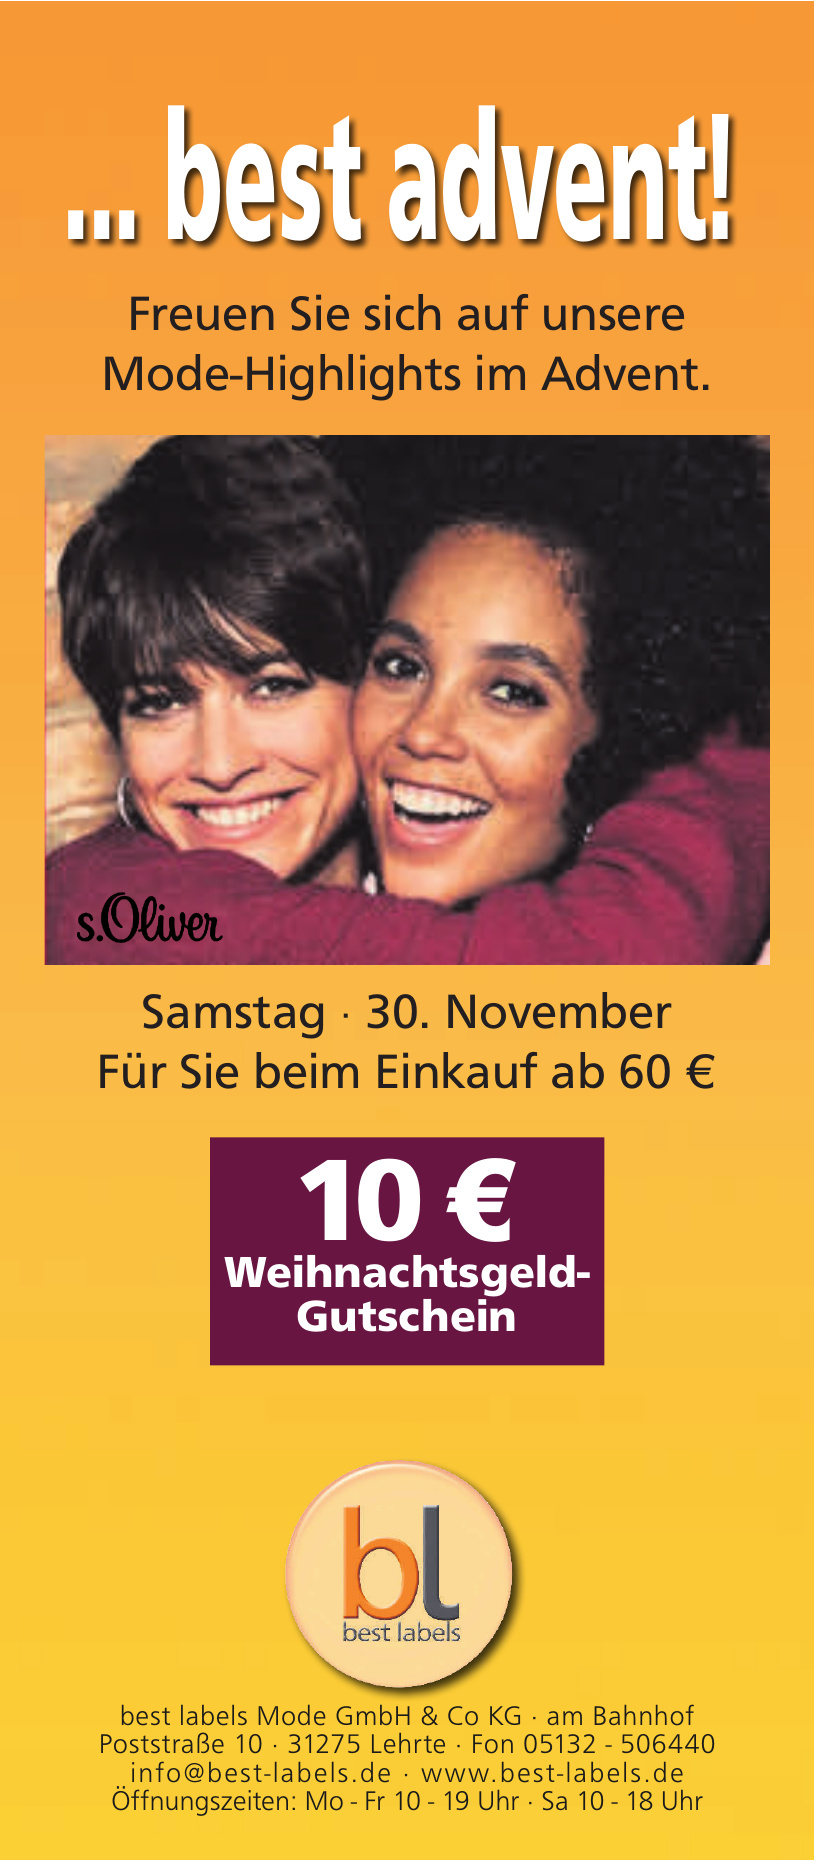 best labels Mode GmbH & Co KG